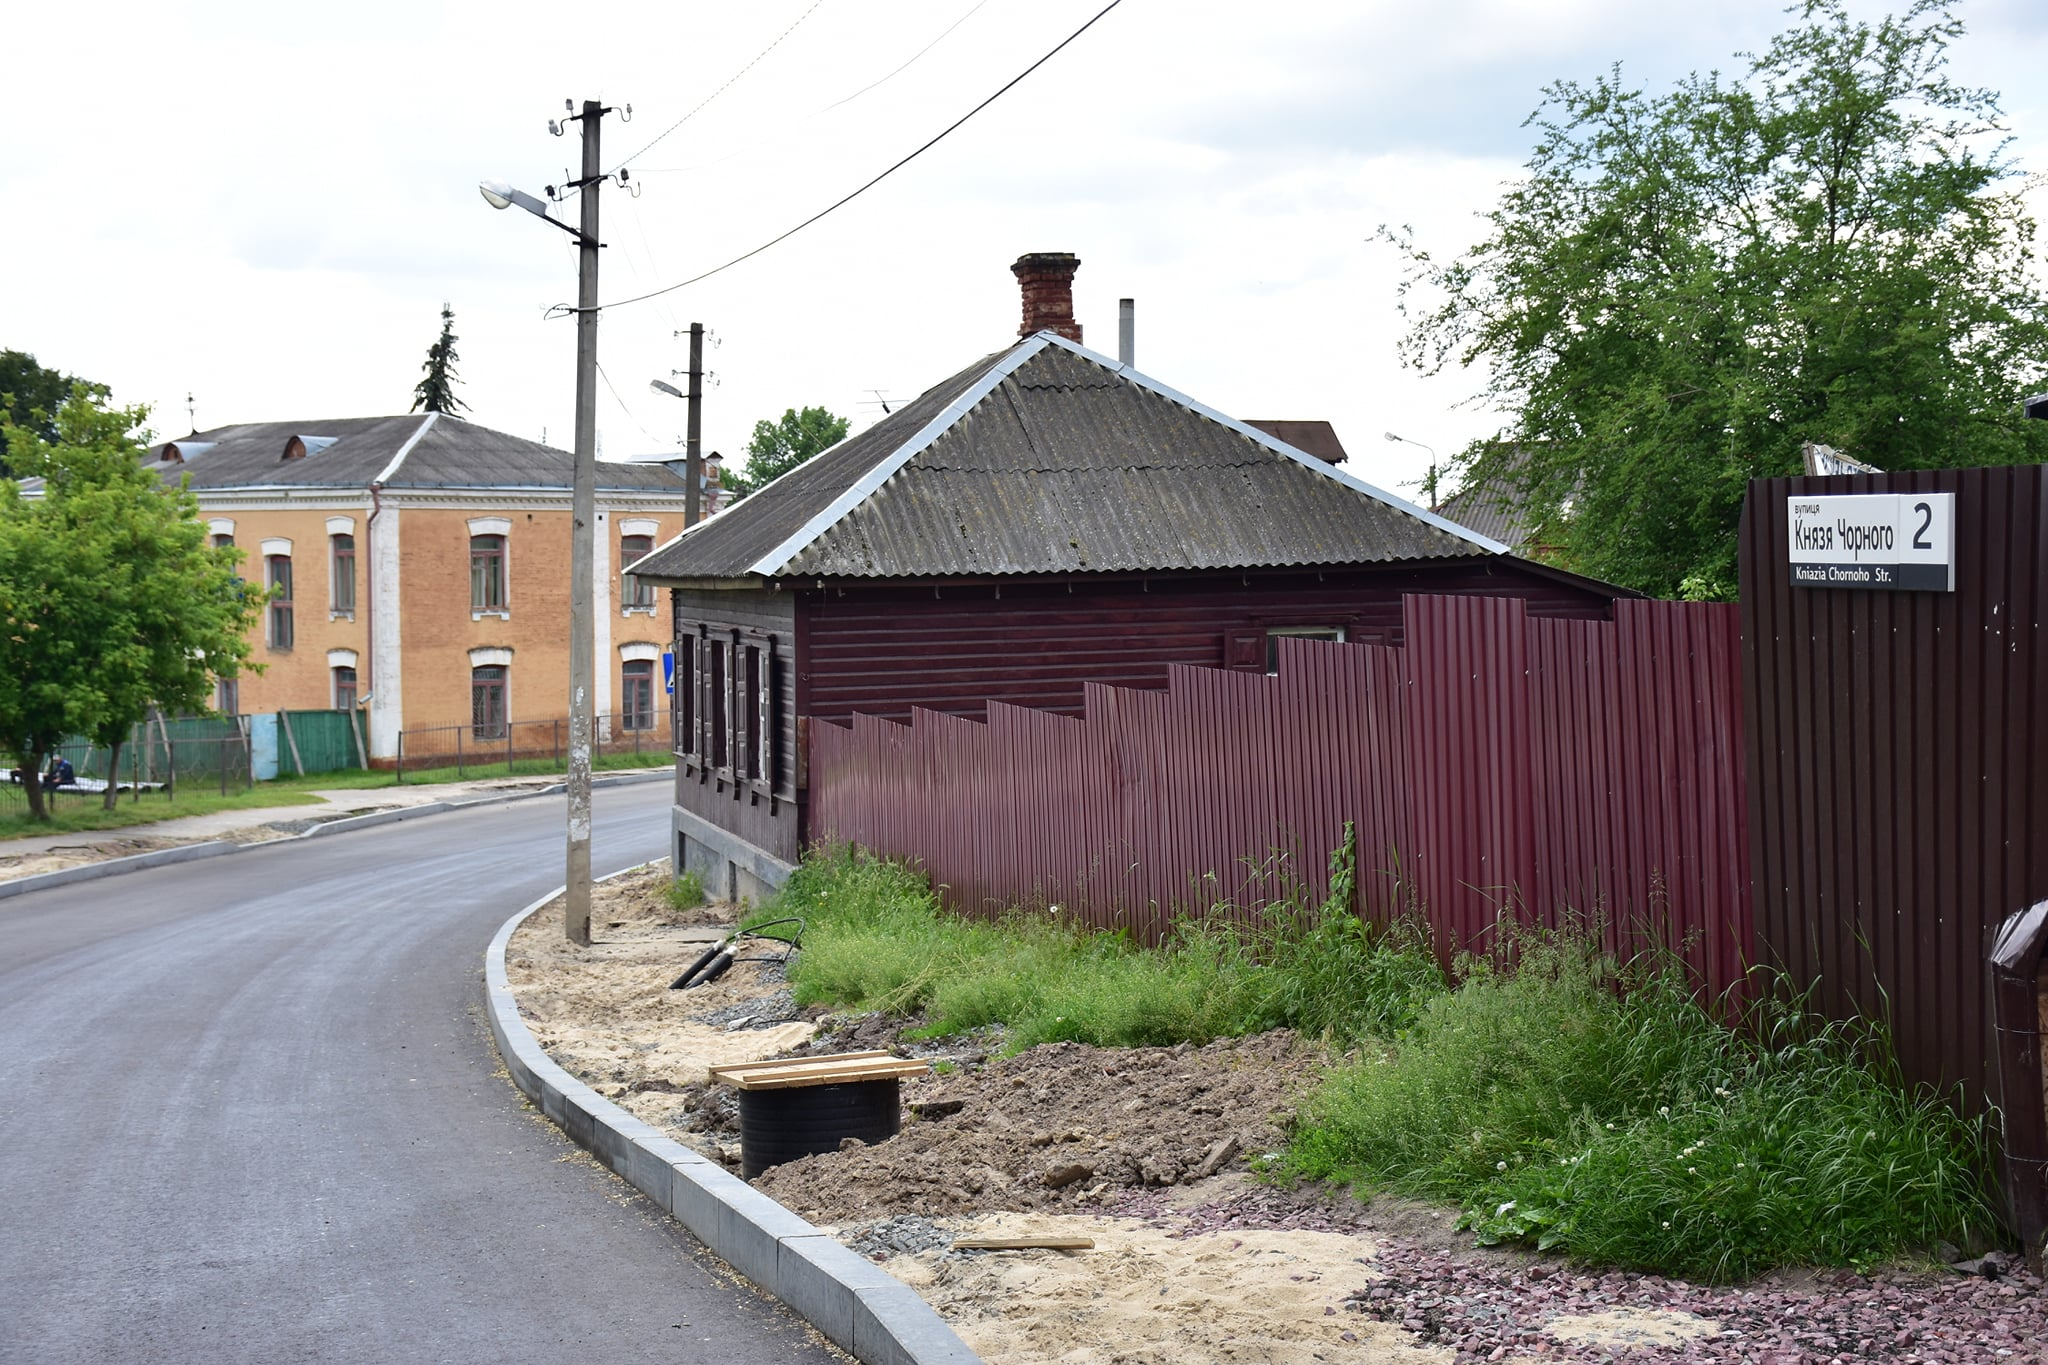 Тротуари по вулиці Князя Чорного у Чернігові зроблять на початку липня (Фото)